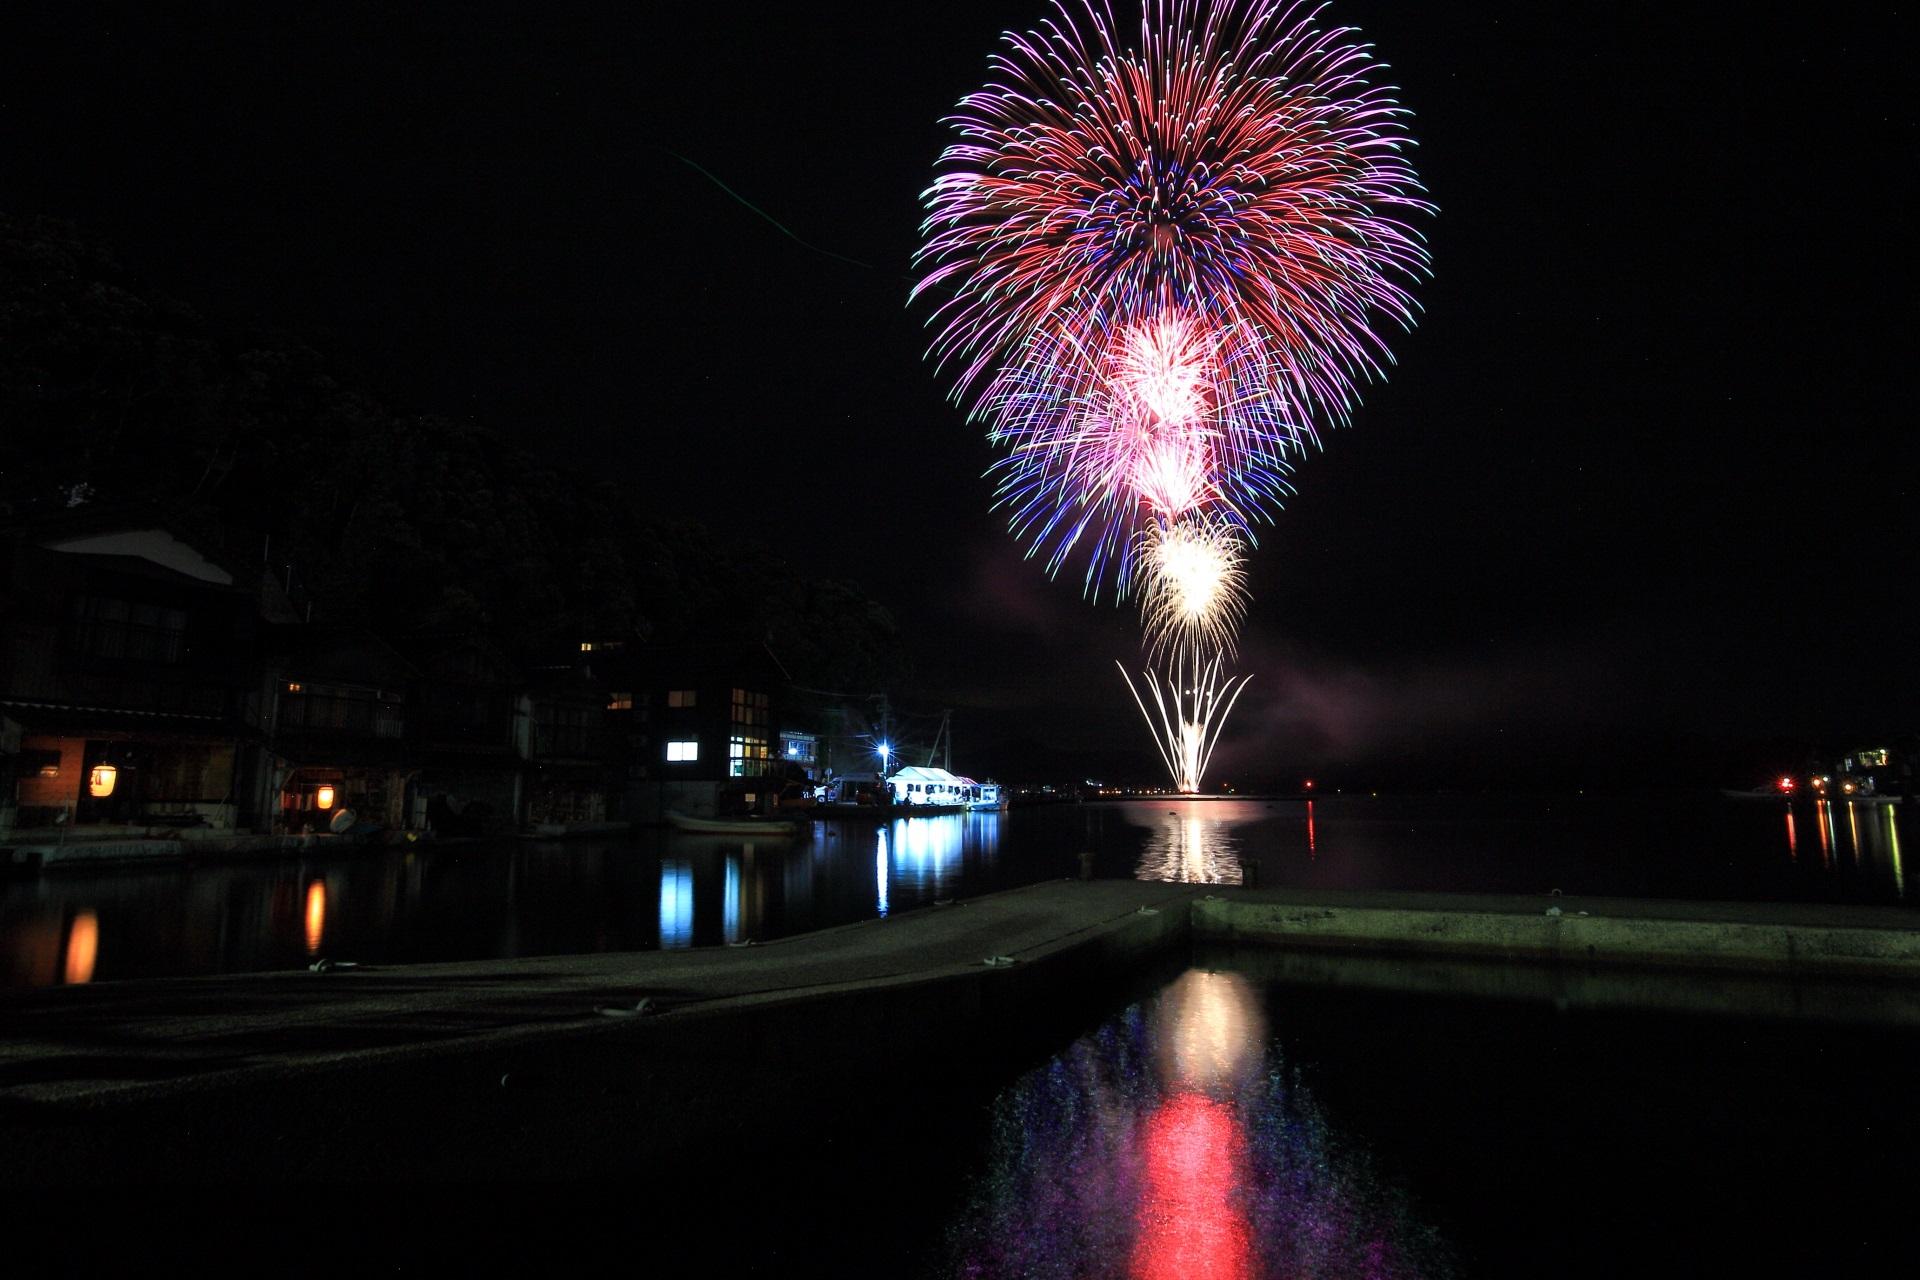 例年8月の下旬に行われ夏の終わりを告げる伊根花火大会